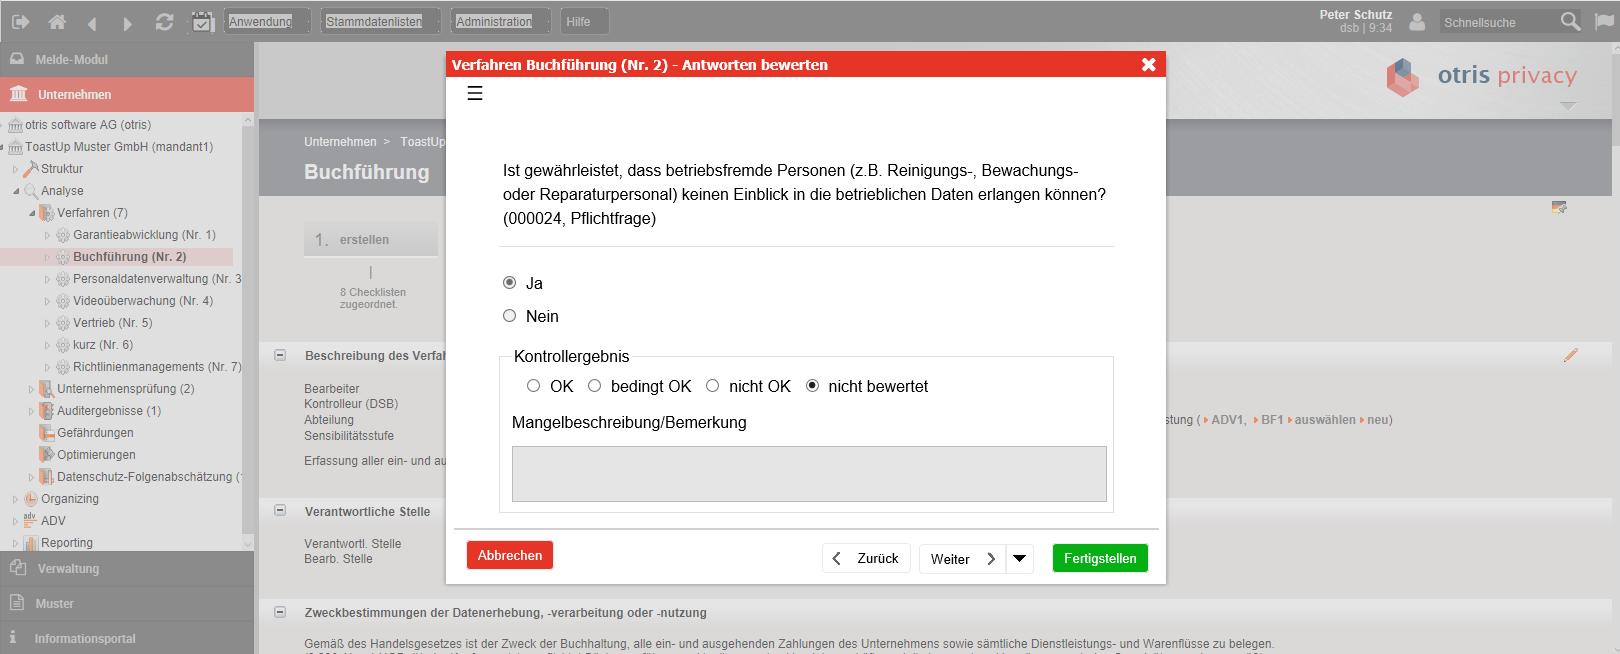 otris privacy - Bewertung der Antworten durch den Datenschutzbeauftragten